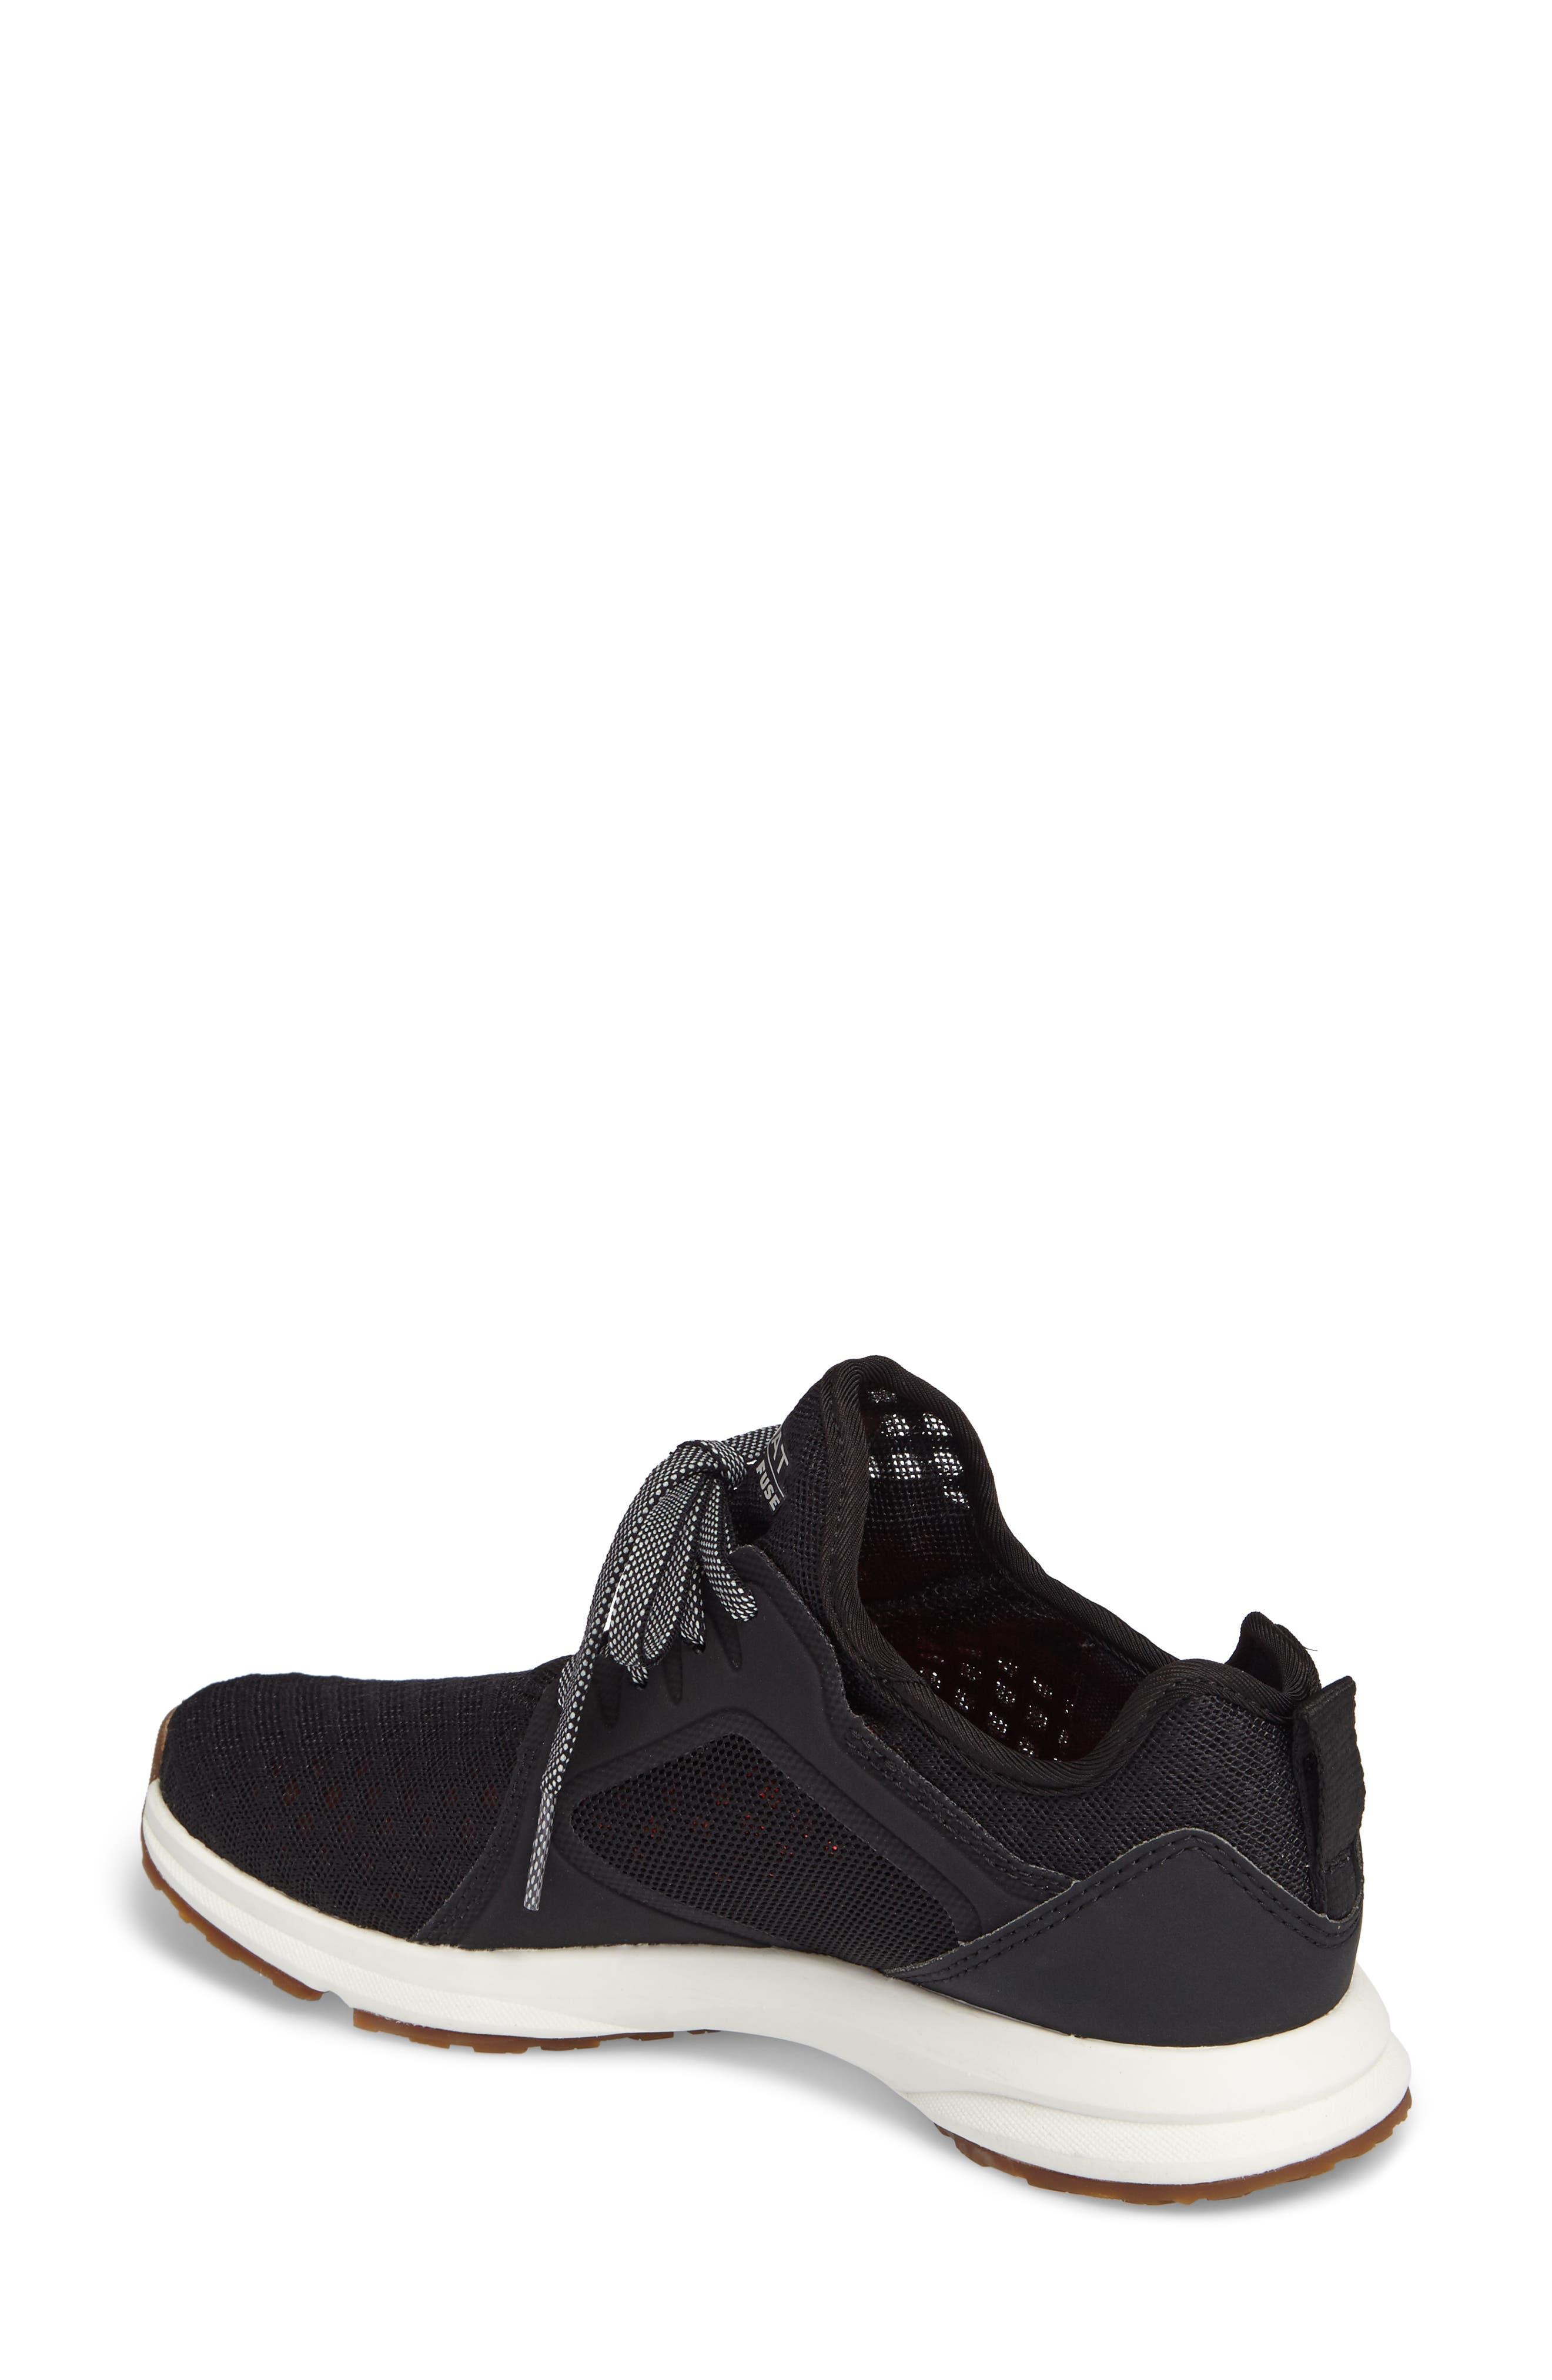 Fuse Sneaker,                             Alternate thumbnail 2, color,                             Black Mesh